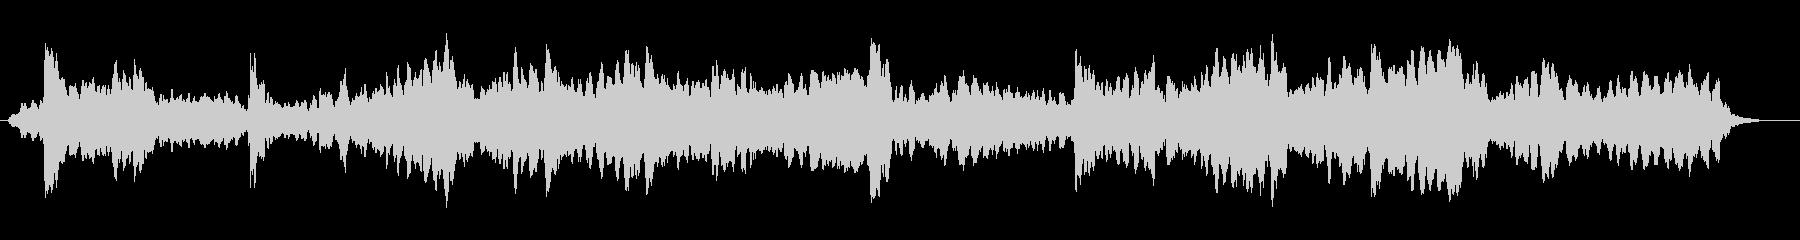 ゆったり神秘的なシンセ・ピアノサウンドの未再生の波形